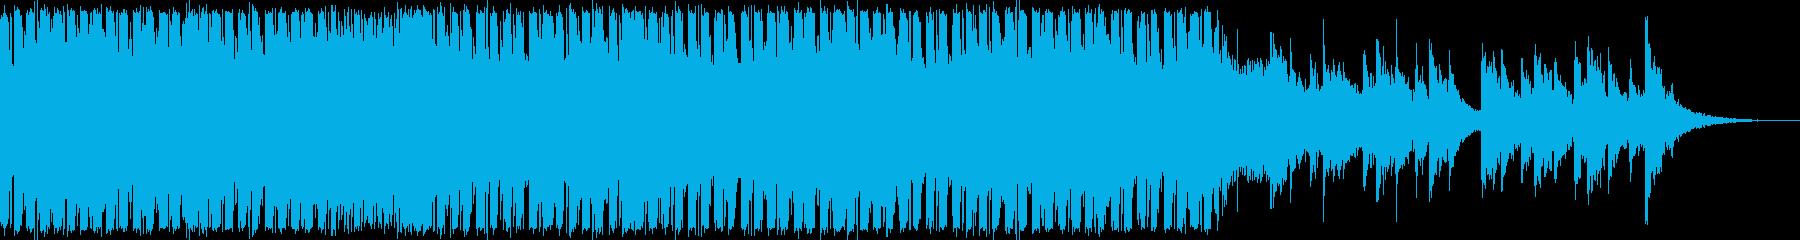 爽やかなトランスの再生済みの波形